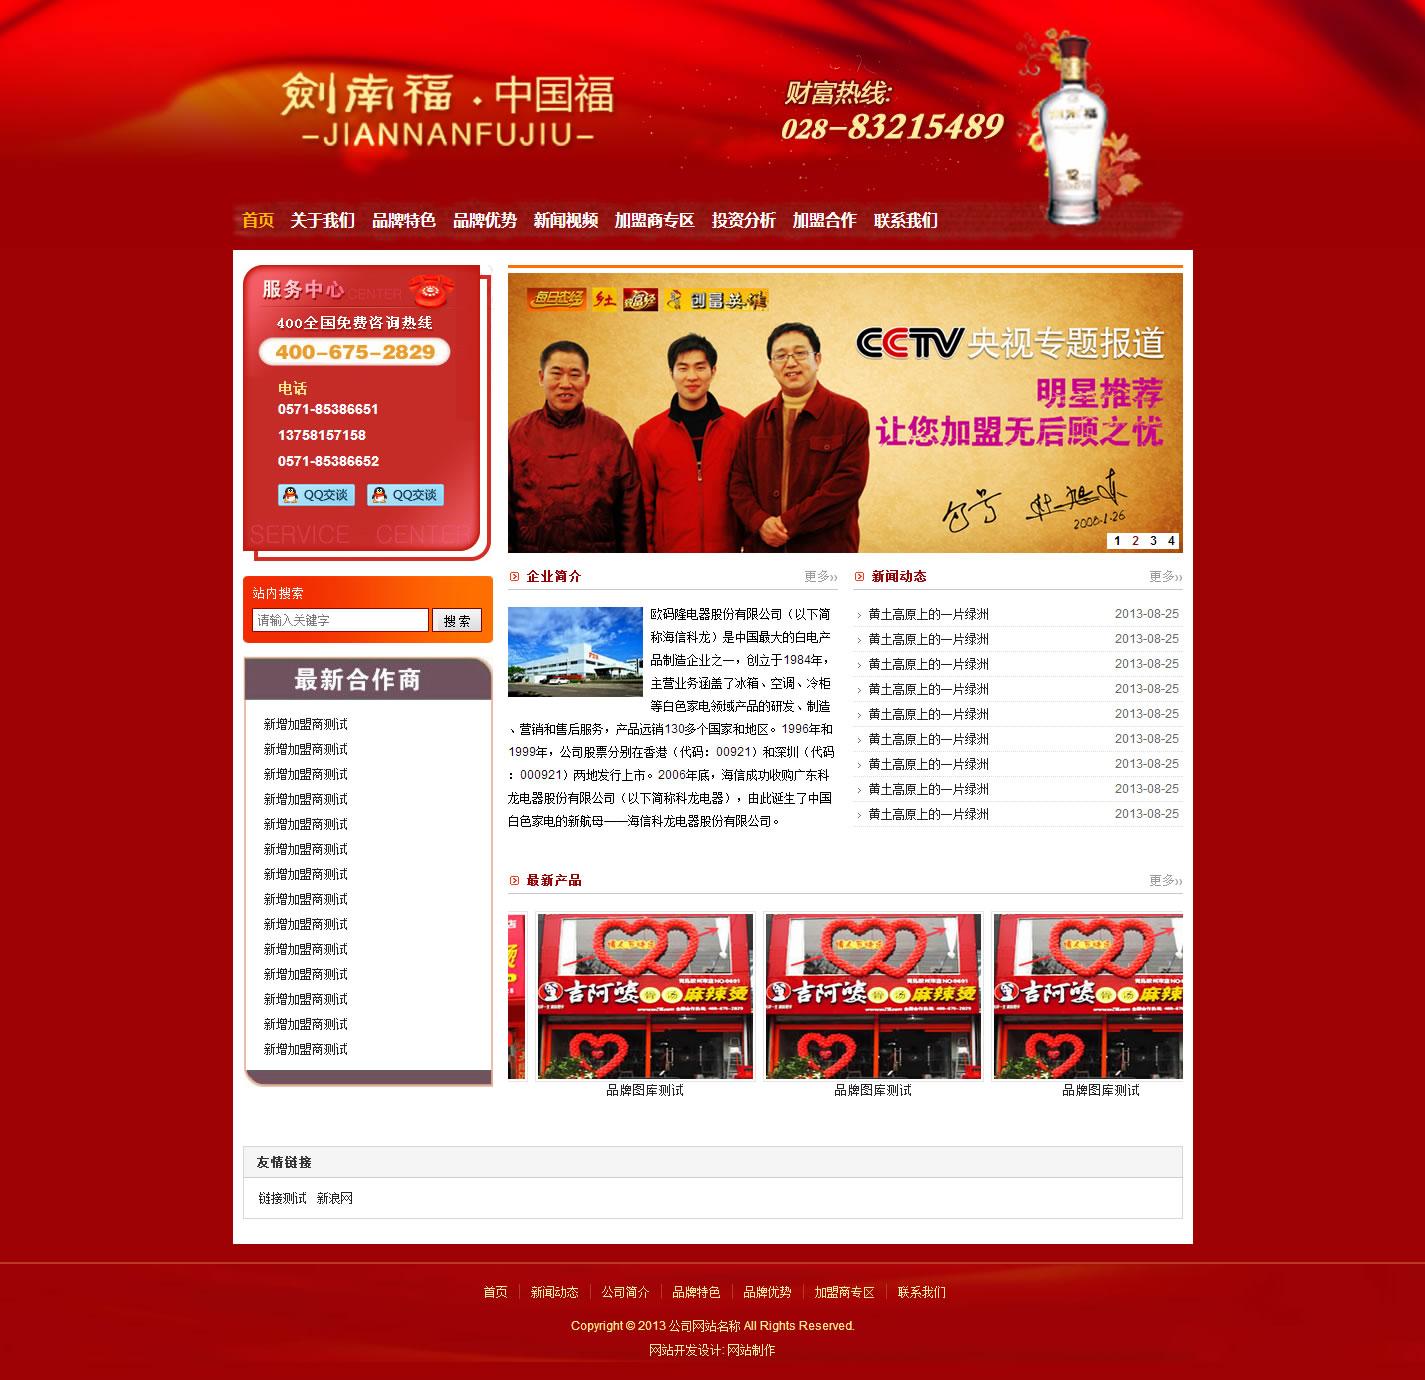 帝国cms 公司企业网站